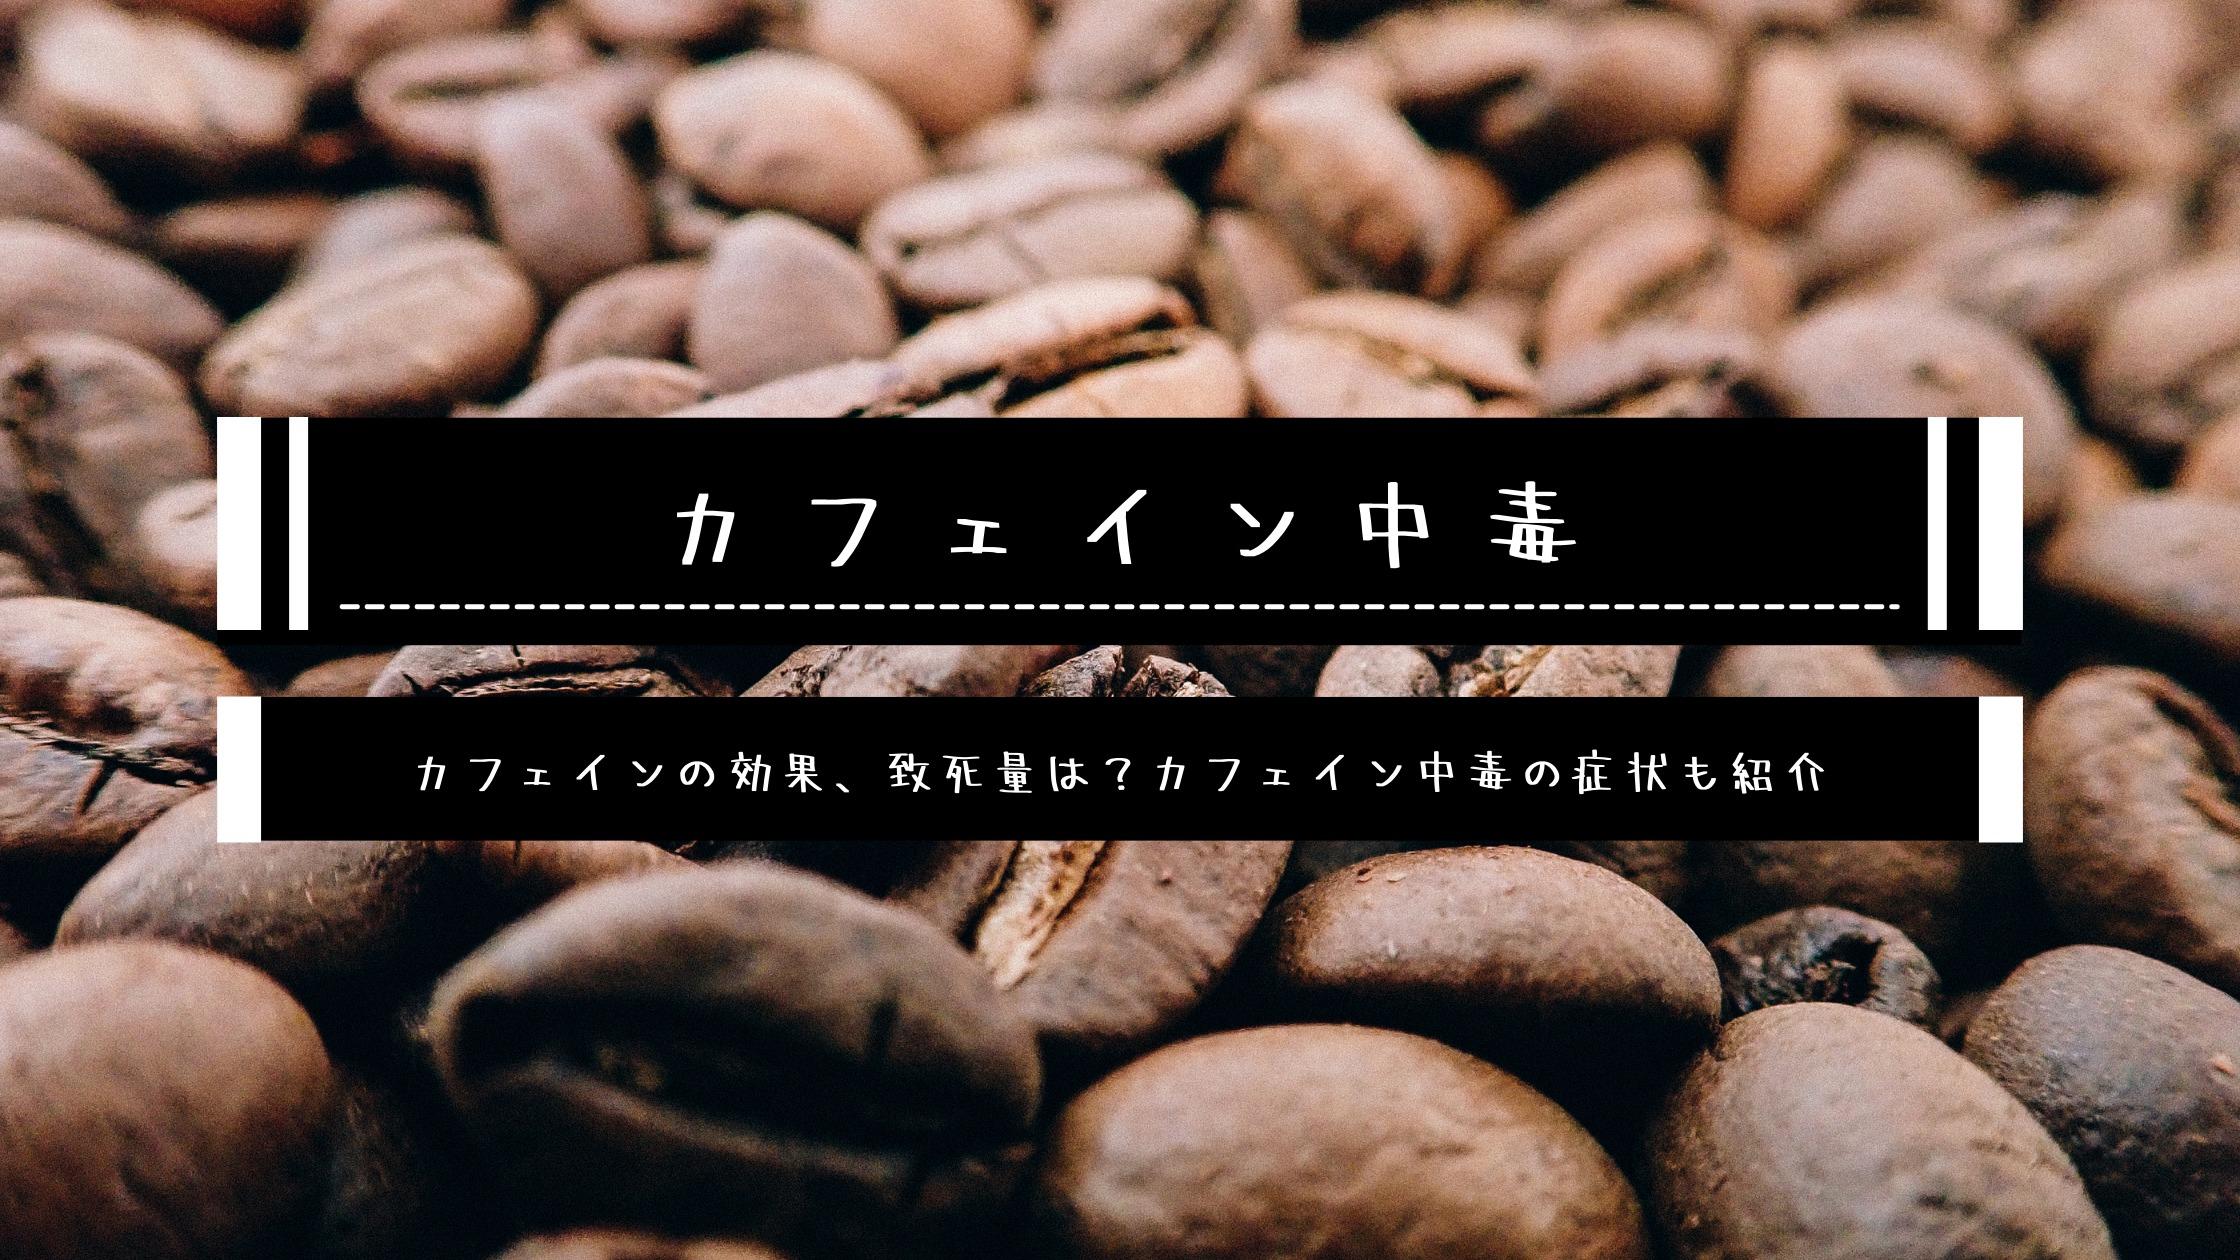 量 中毒 カフェ イン ☕ コーヒーのカフェイン含有量